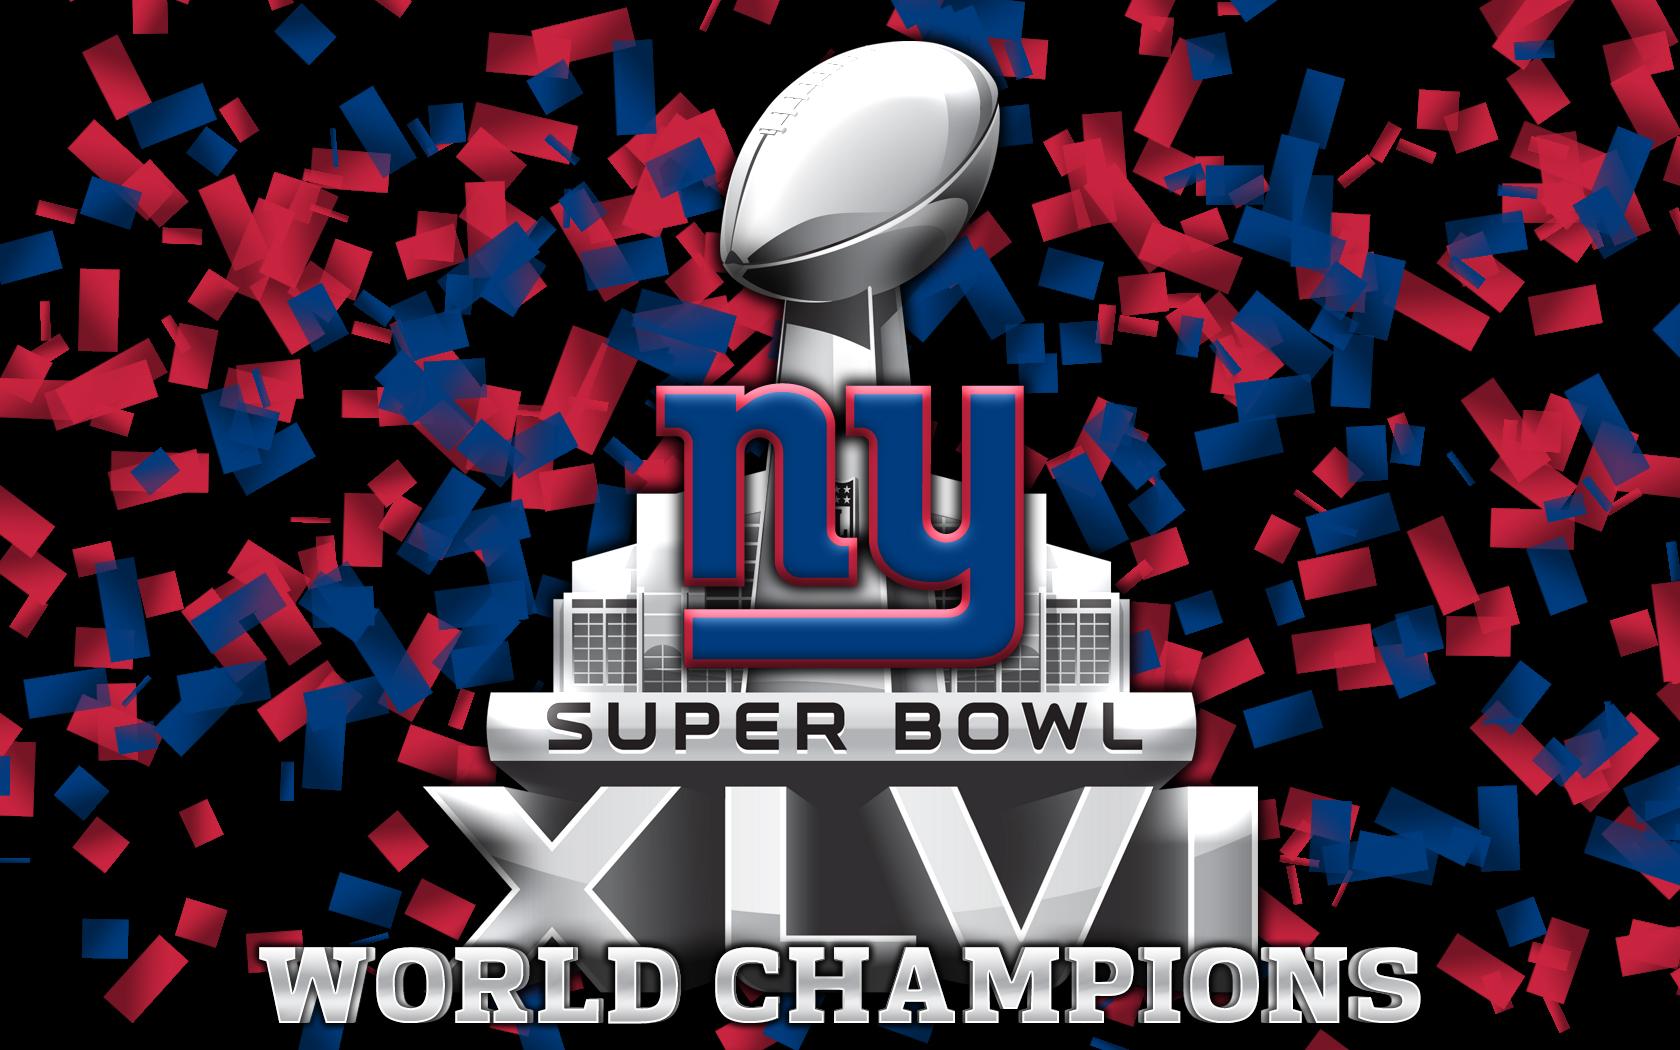 New York Giants desktop wallpaper New York Giants wallpapers 1680x1050